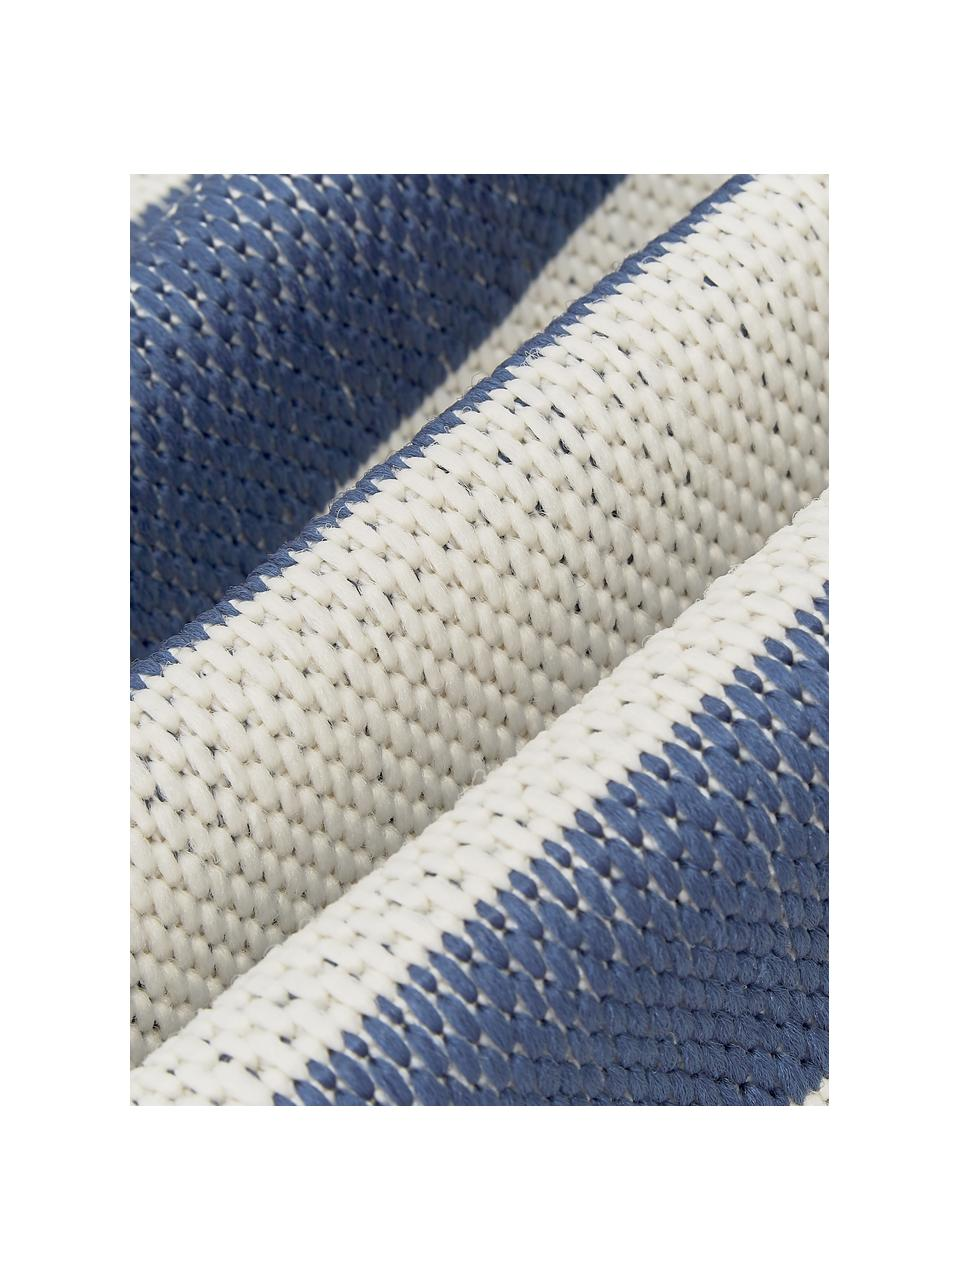 Tappeto a righe color  blu/bianco da interno-esterno Axa, 86% polipropilene, 14% poliestere, Bianco crema, blu, Larg. 200 x Lung. 290 cm  (taglia L)